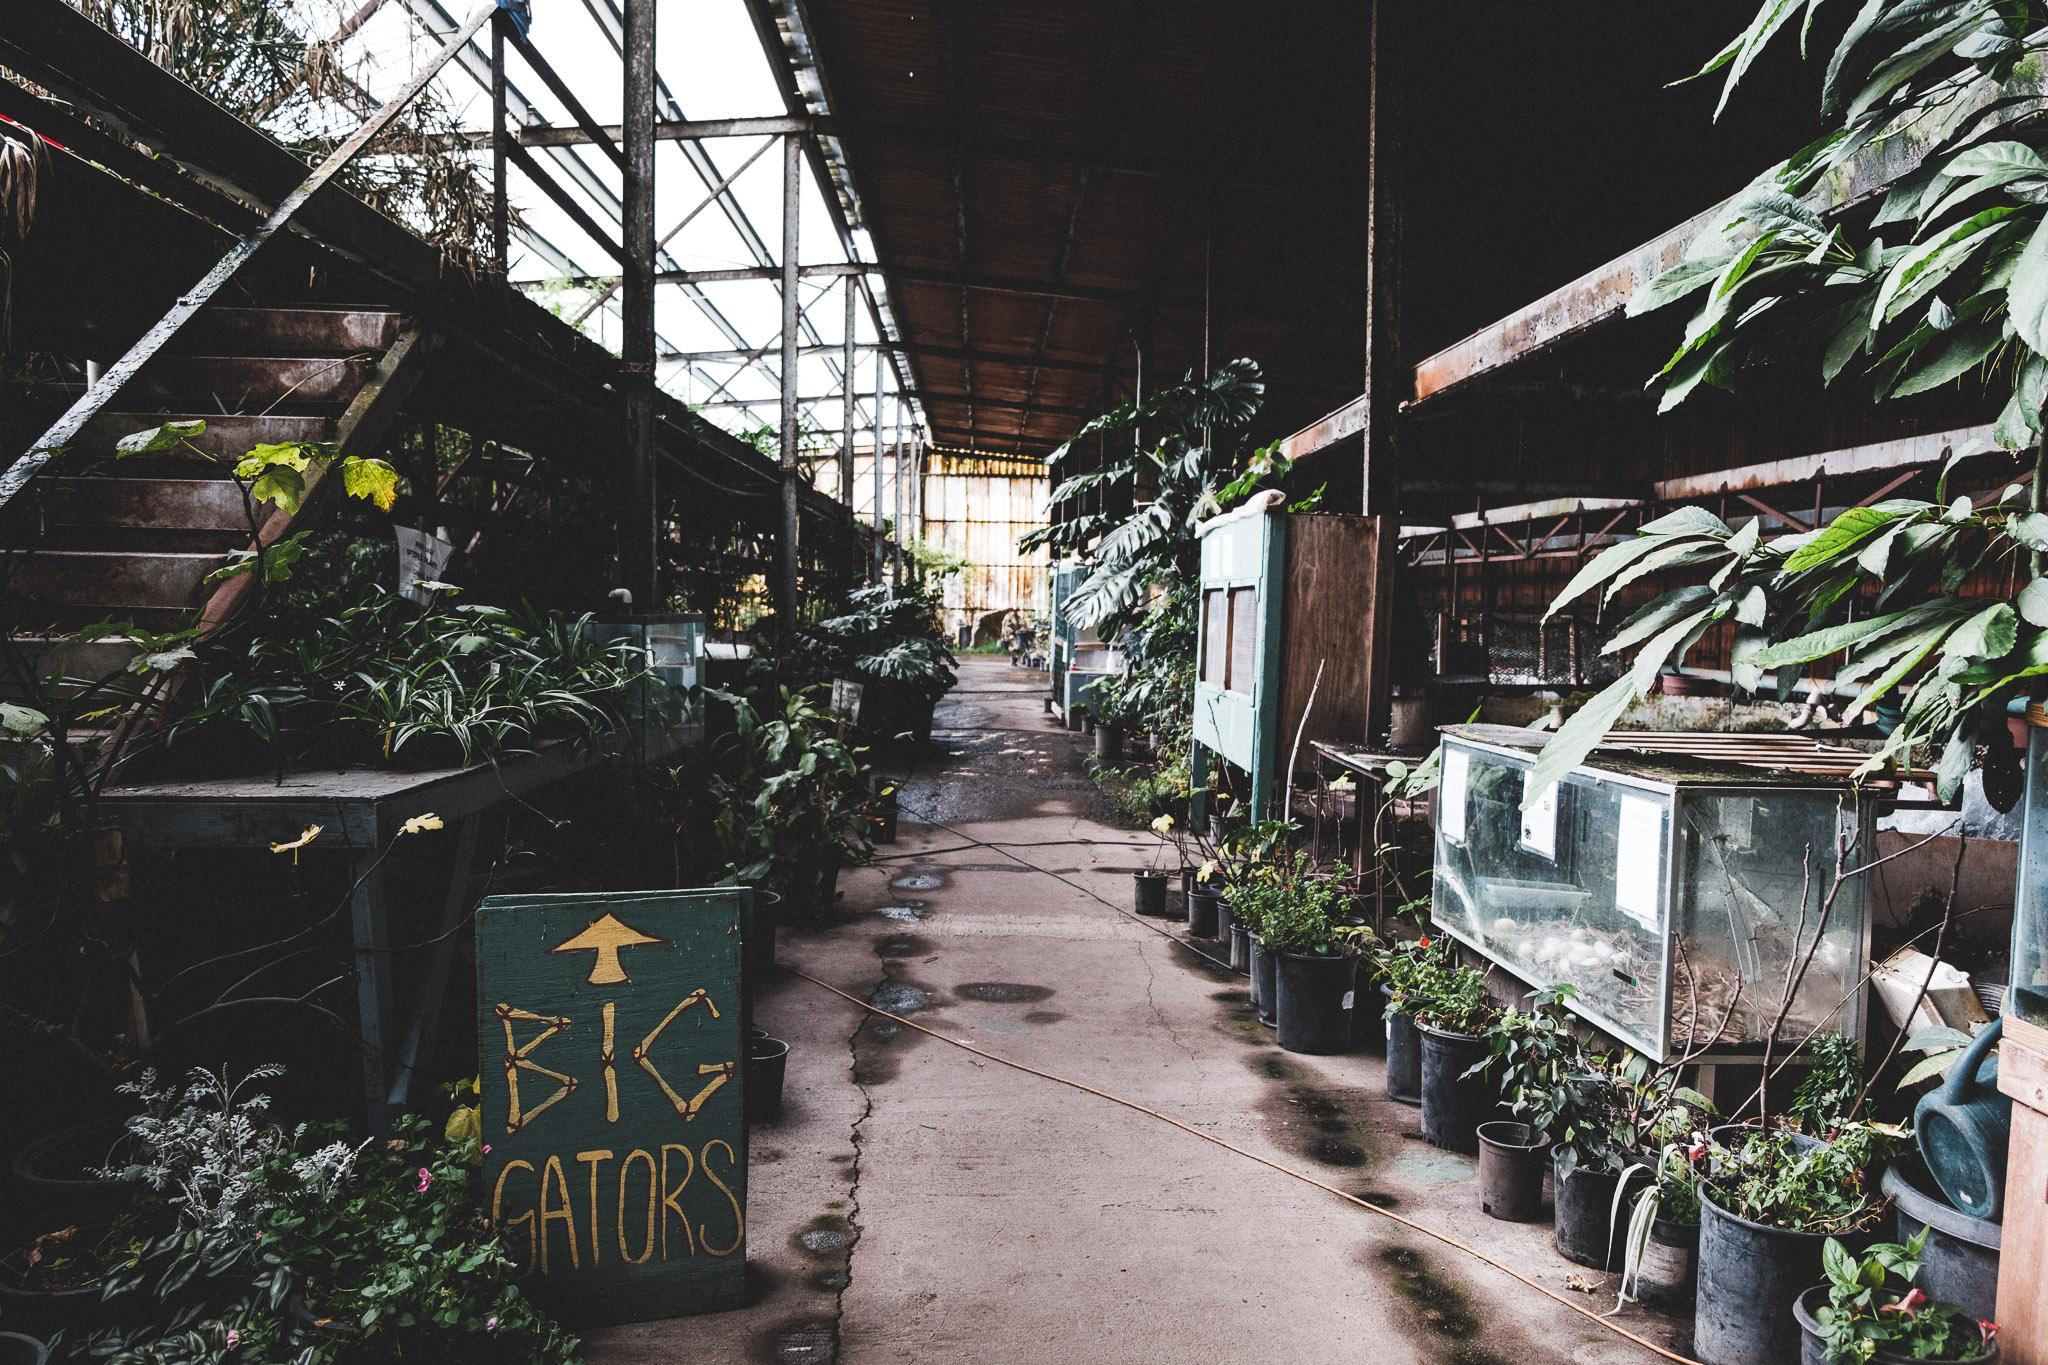 gatorfarm-026.jpg